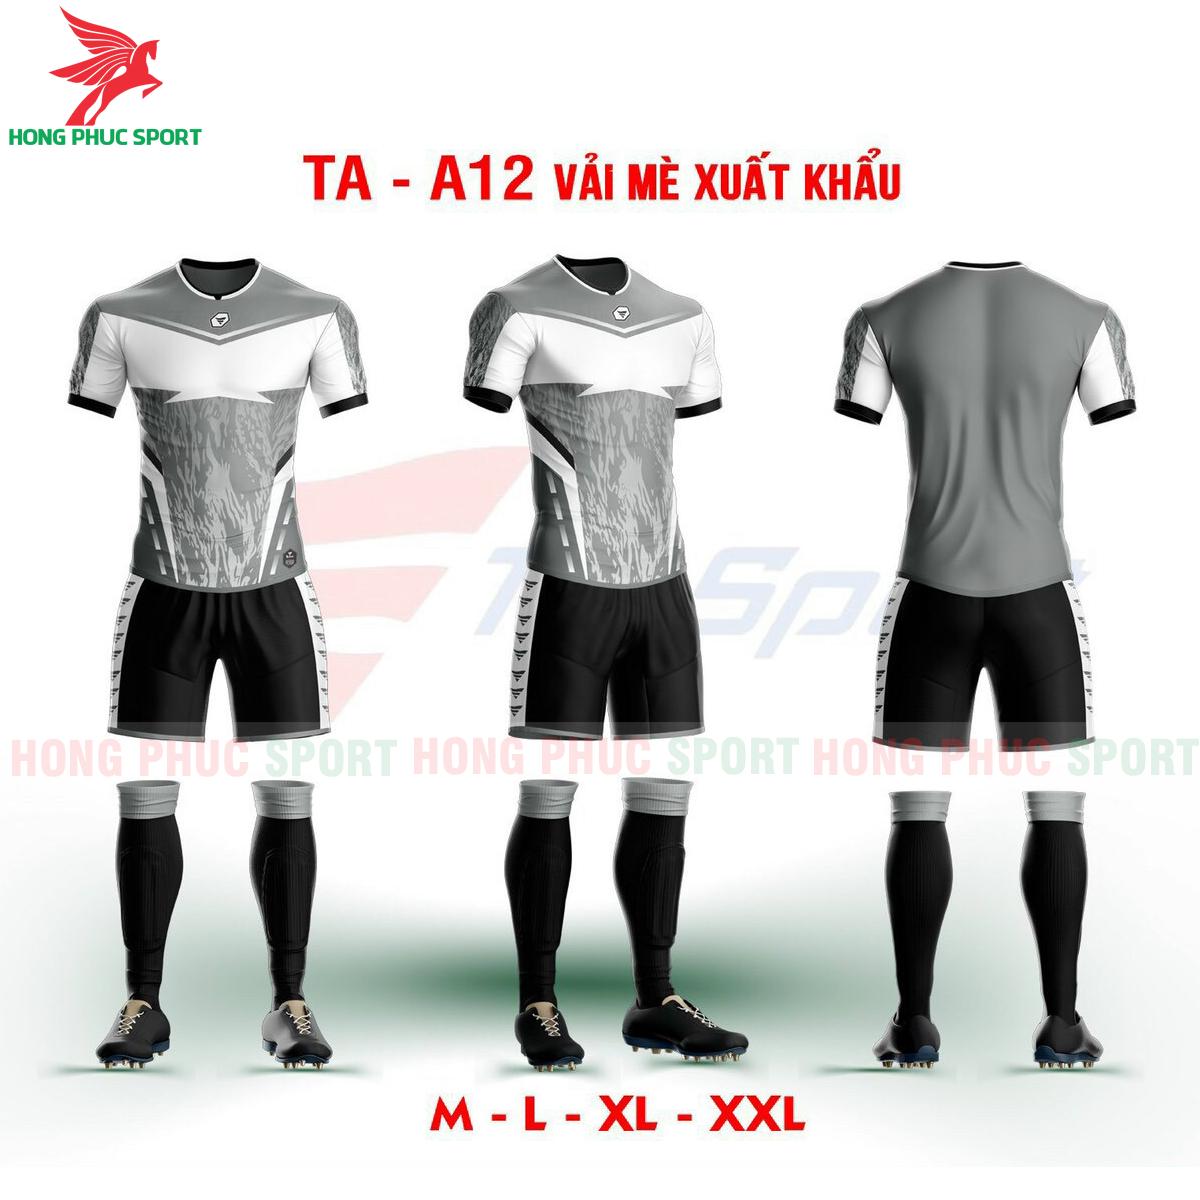 https://cdn.hongphucsport.com/unsafe/s4.shopbay.vn/files/285/ao-khong-logo-truong-an-ta-a12-mau-xam-605d3af4497d7.png